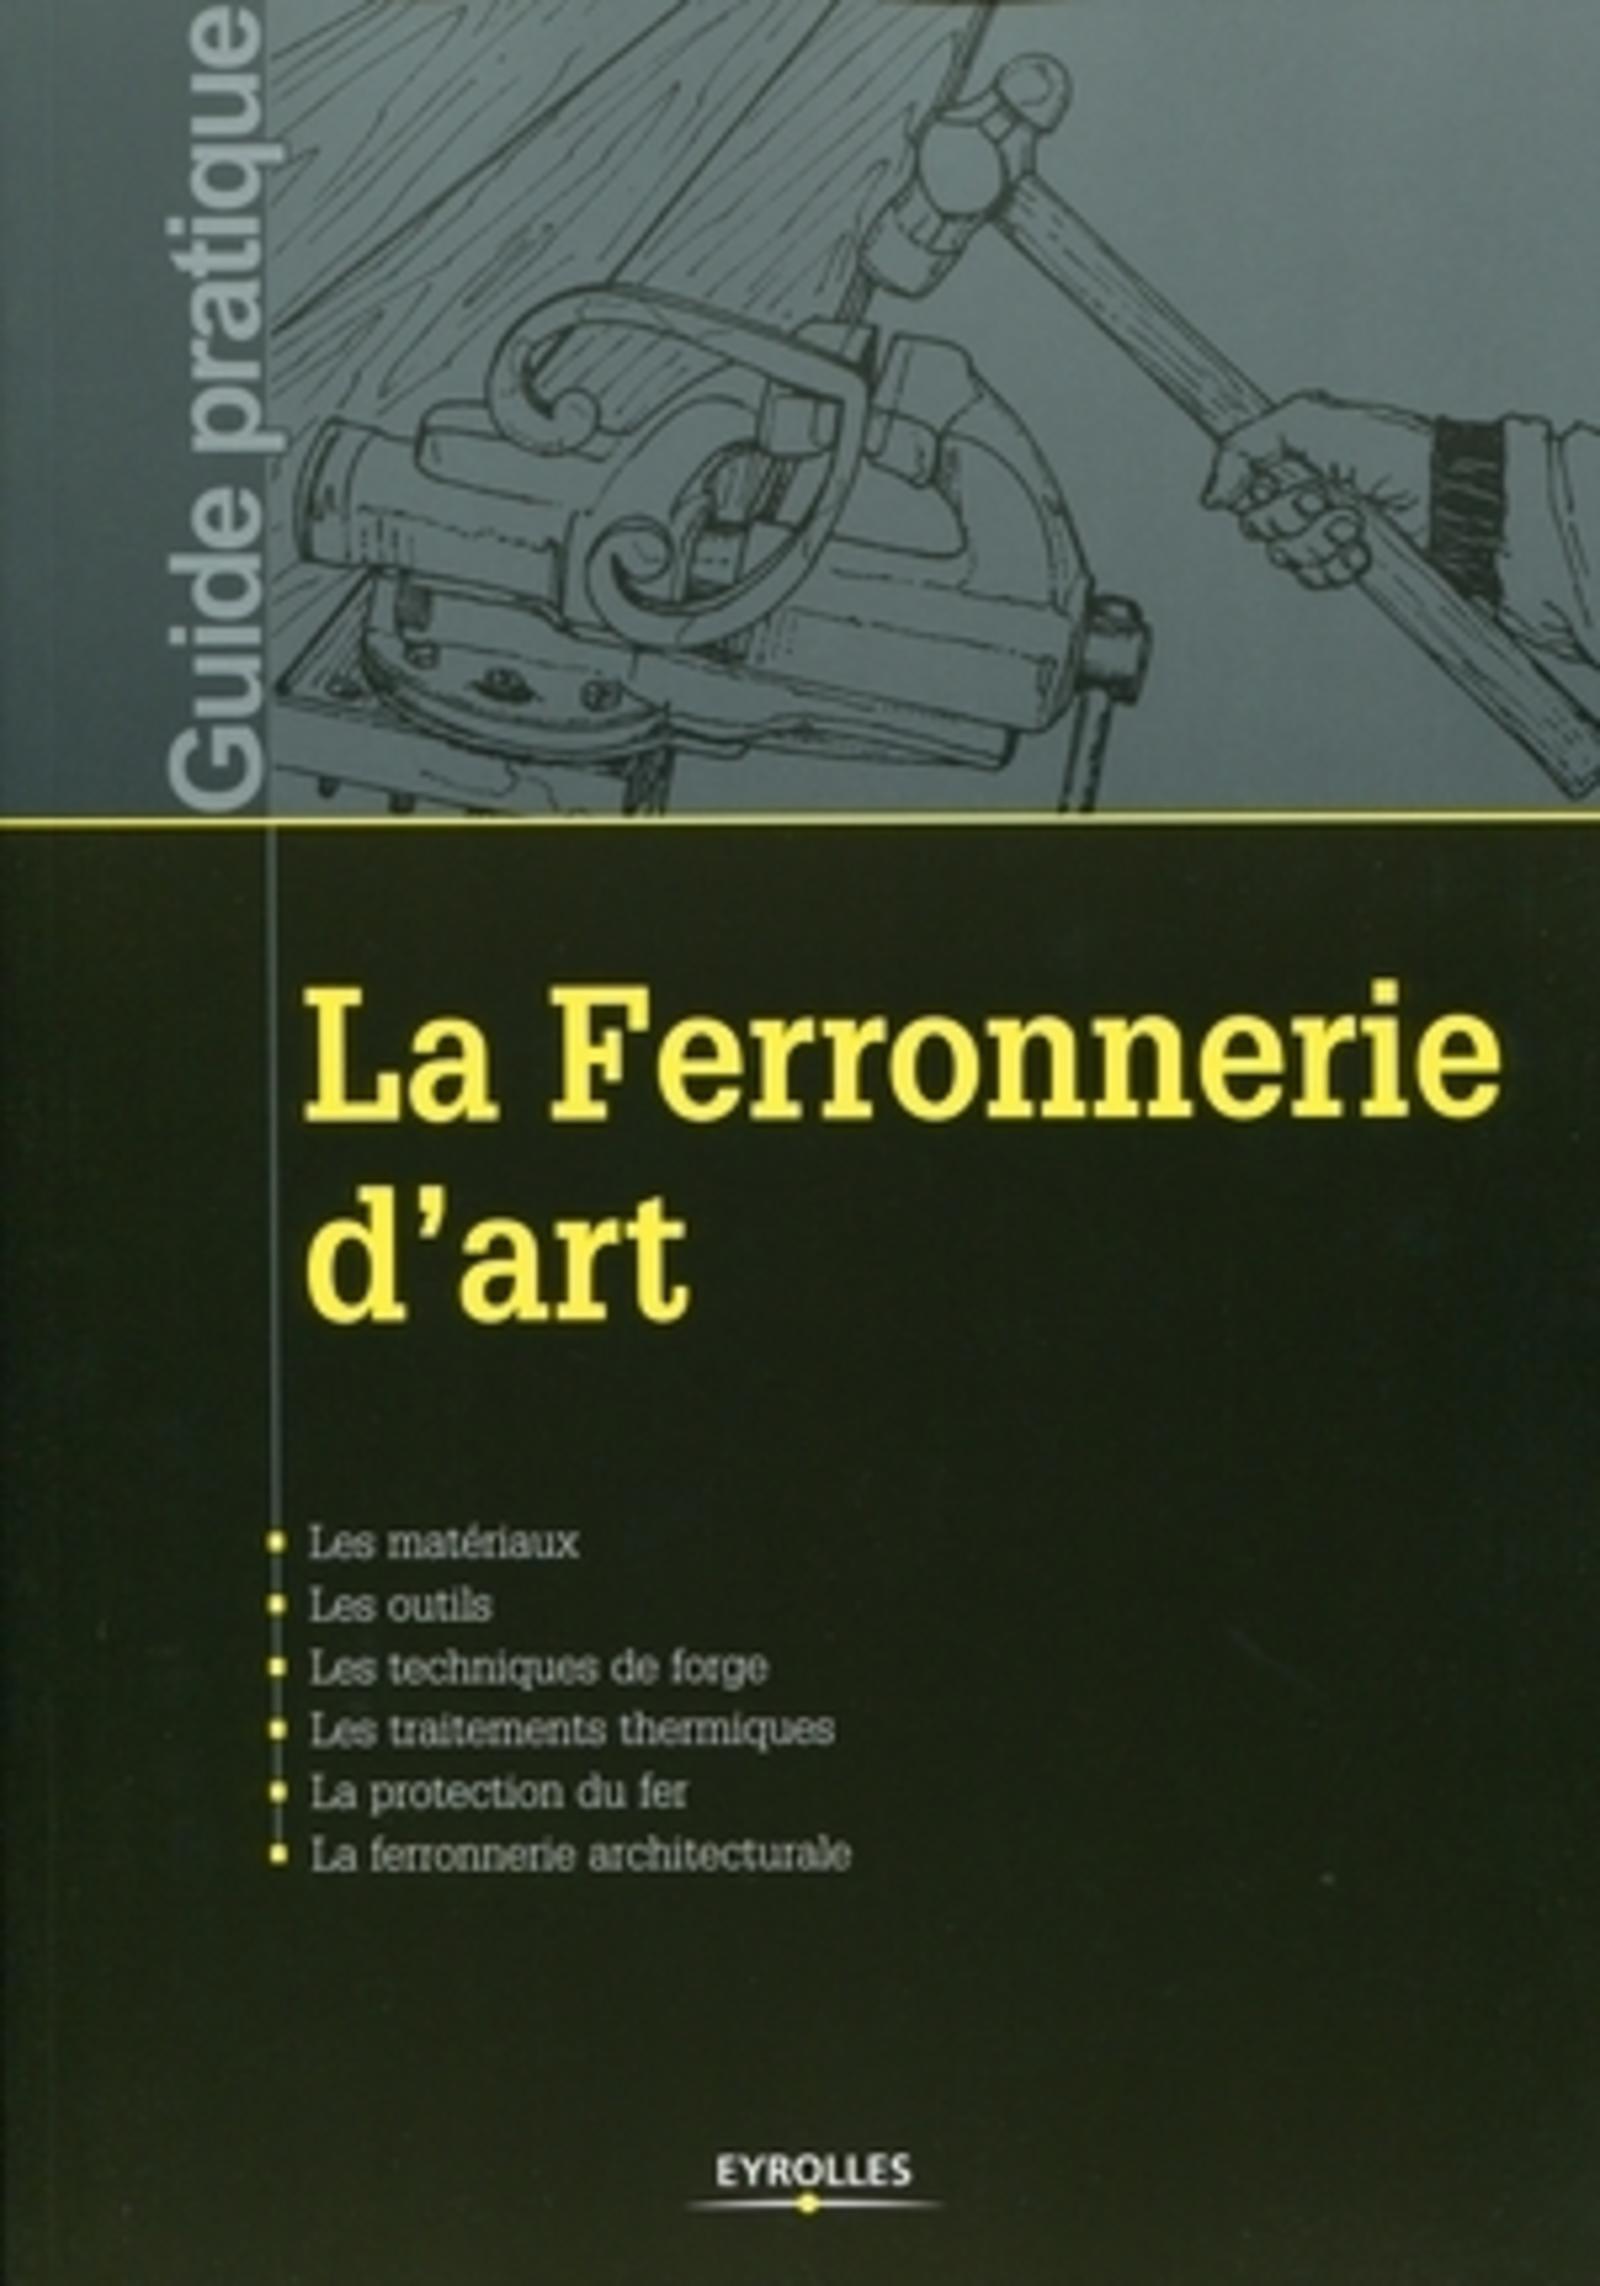 LA FERRONNERIE D'ART. LES MATERIAUX. LES OUTILS. LES TECHNIQUES DE FORGE. LES TRAITEMENTS THERMIQUES